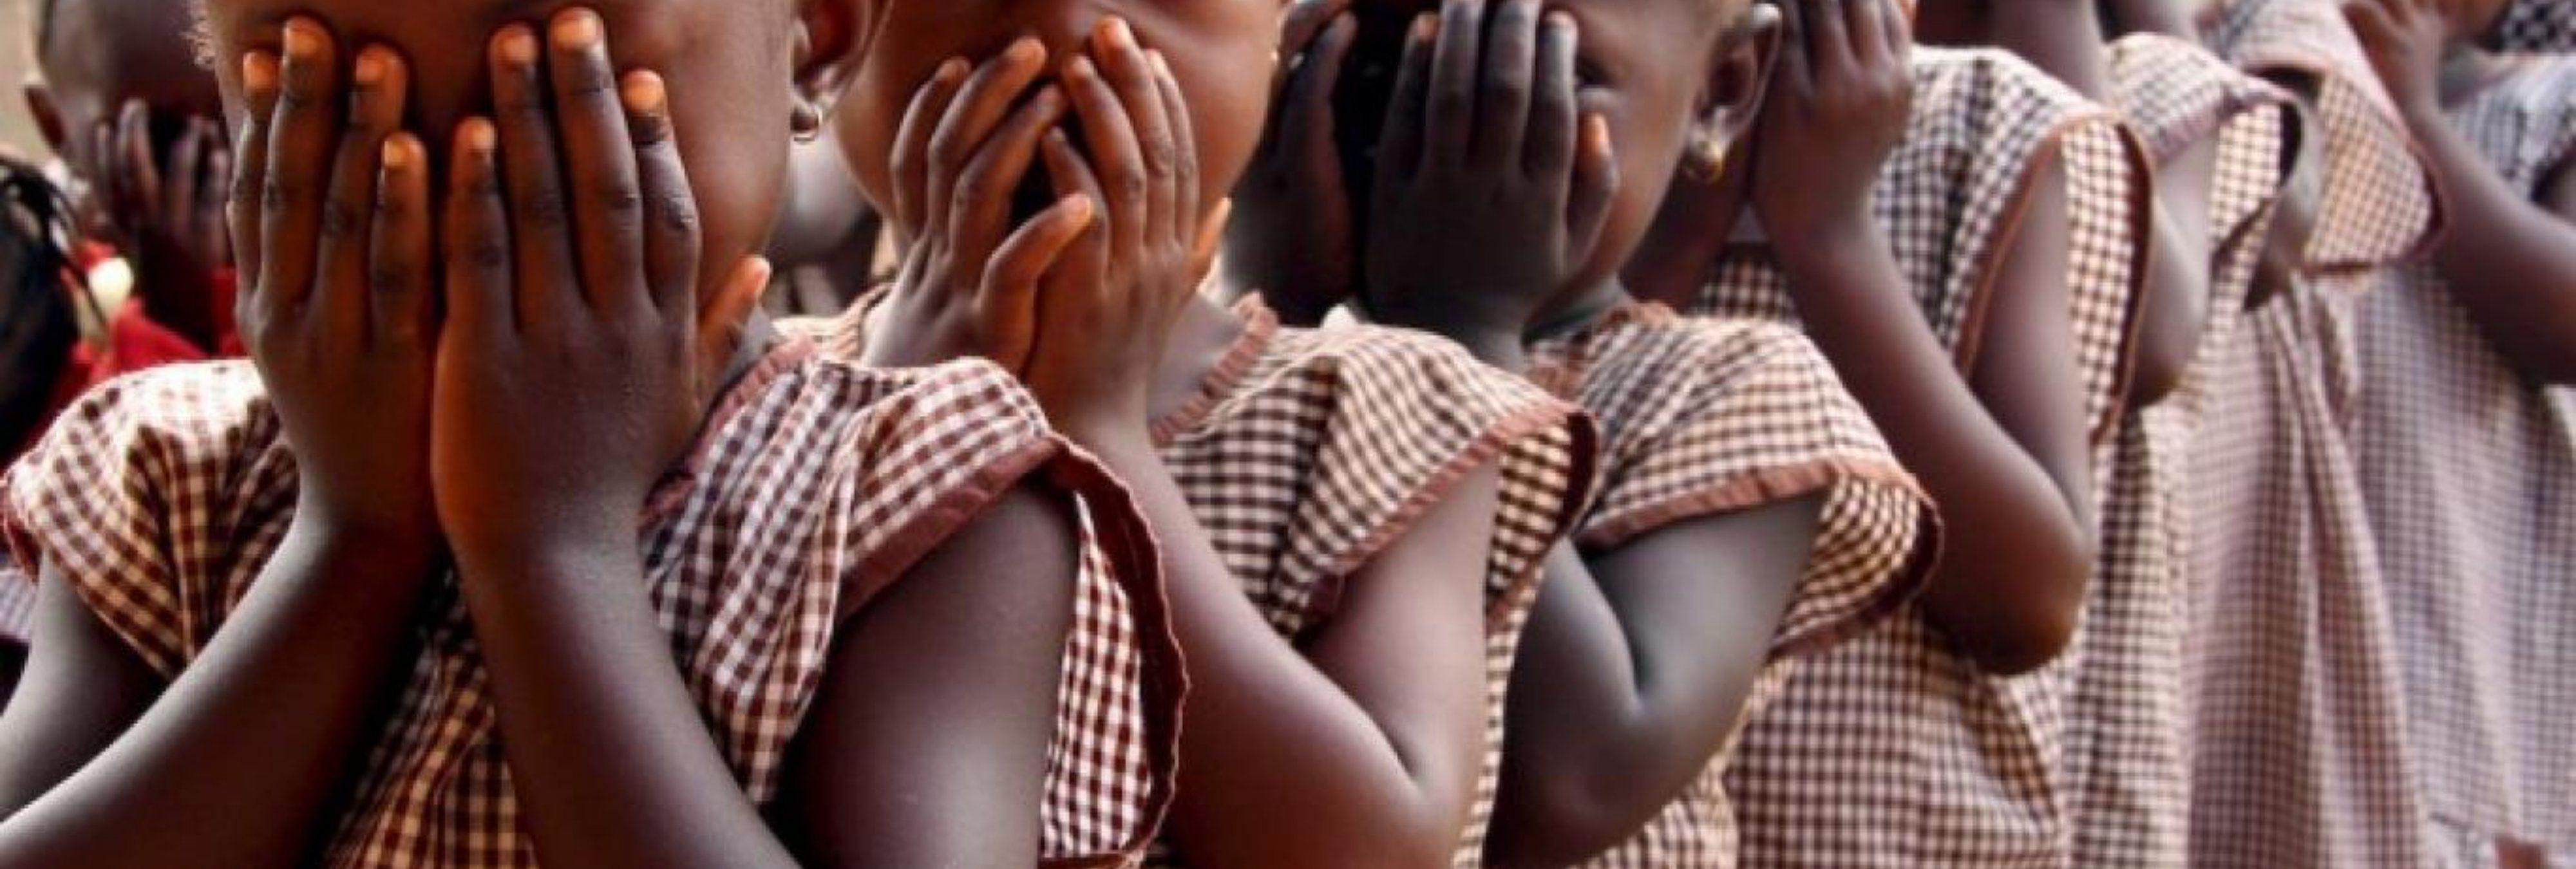 Planchado de senos: la otra mutilación femenina que asoma en Europa